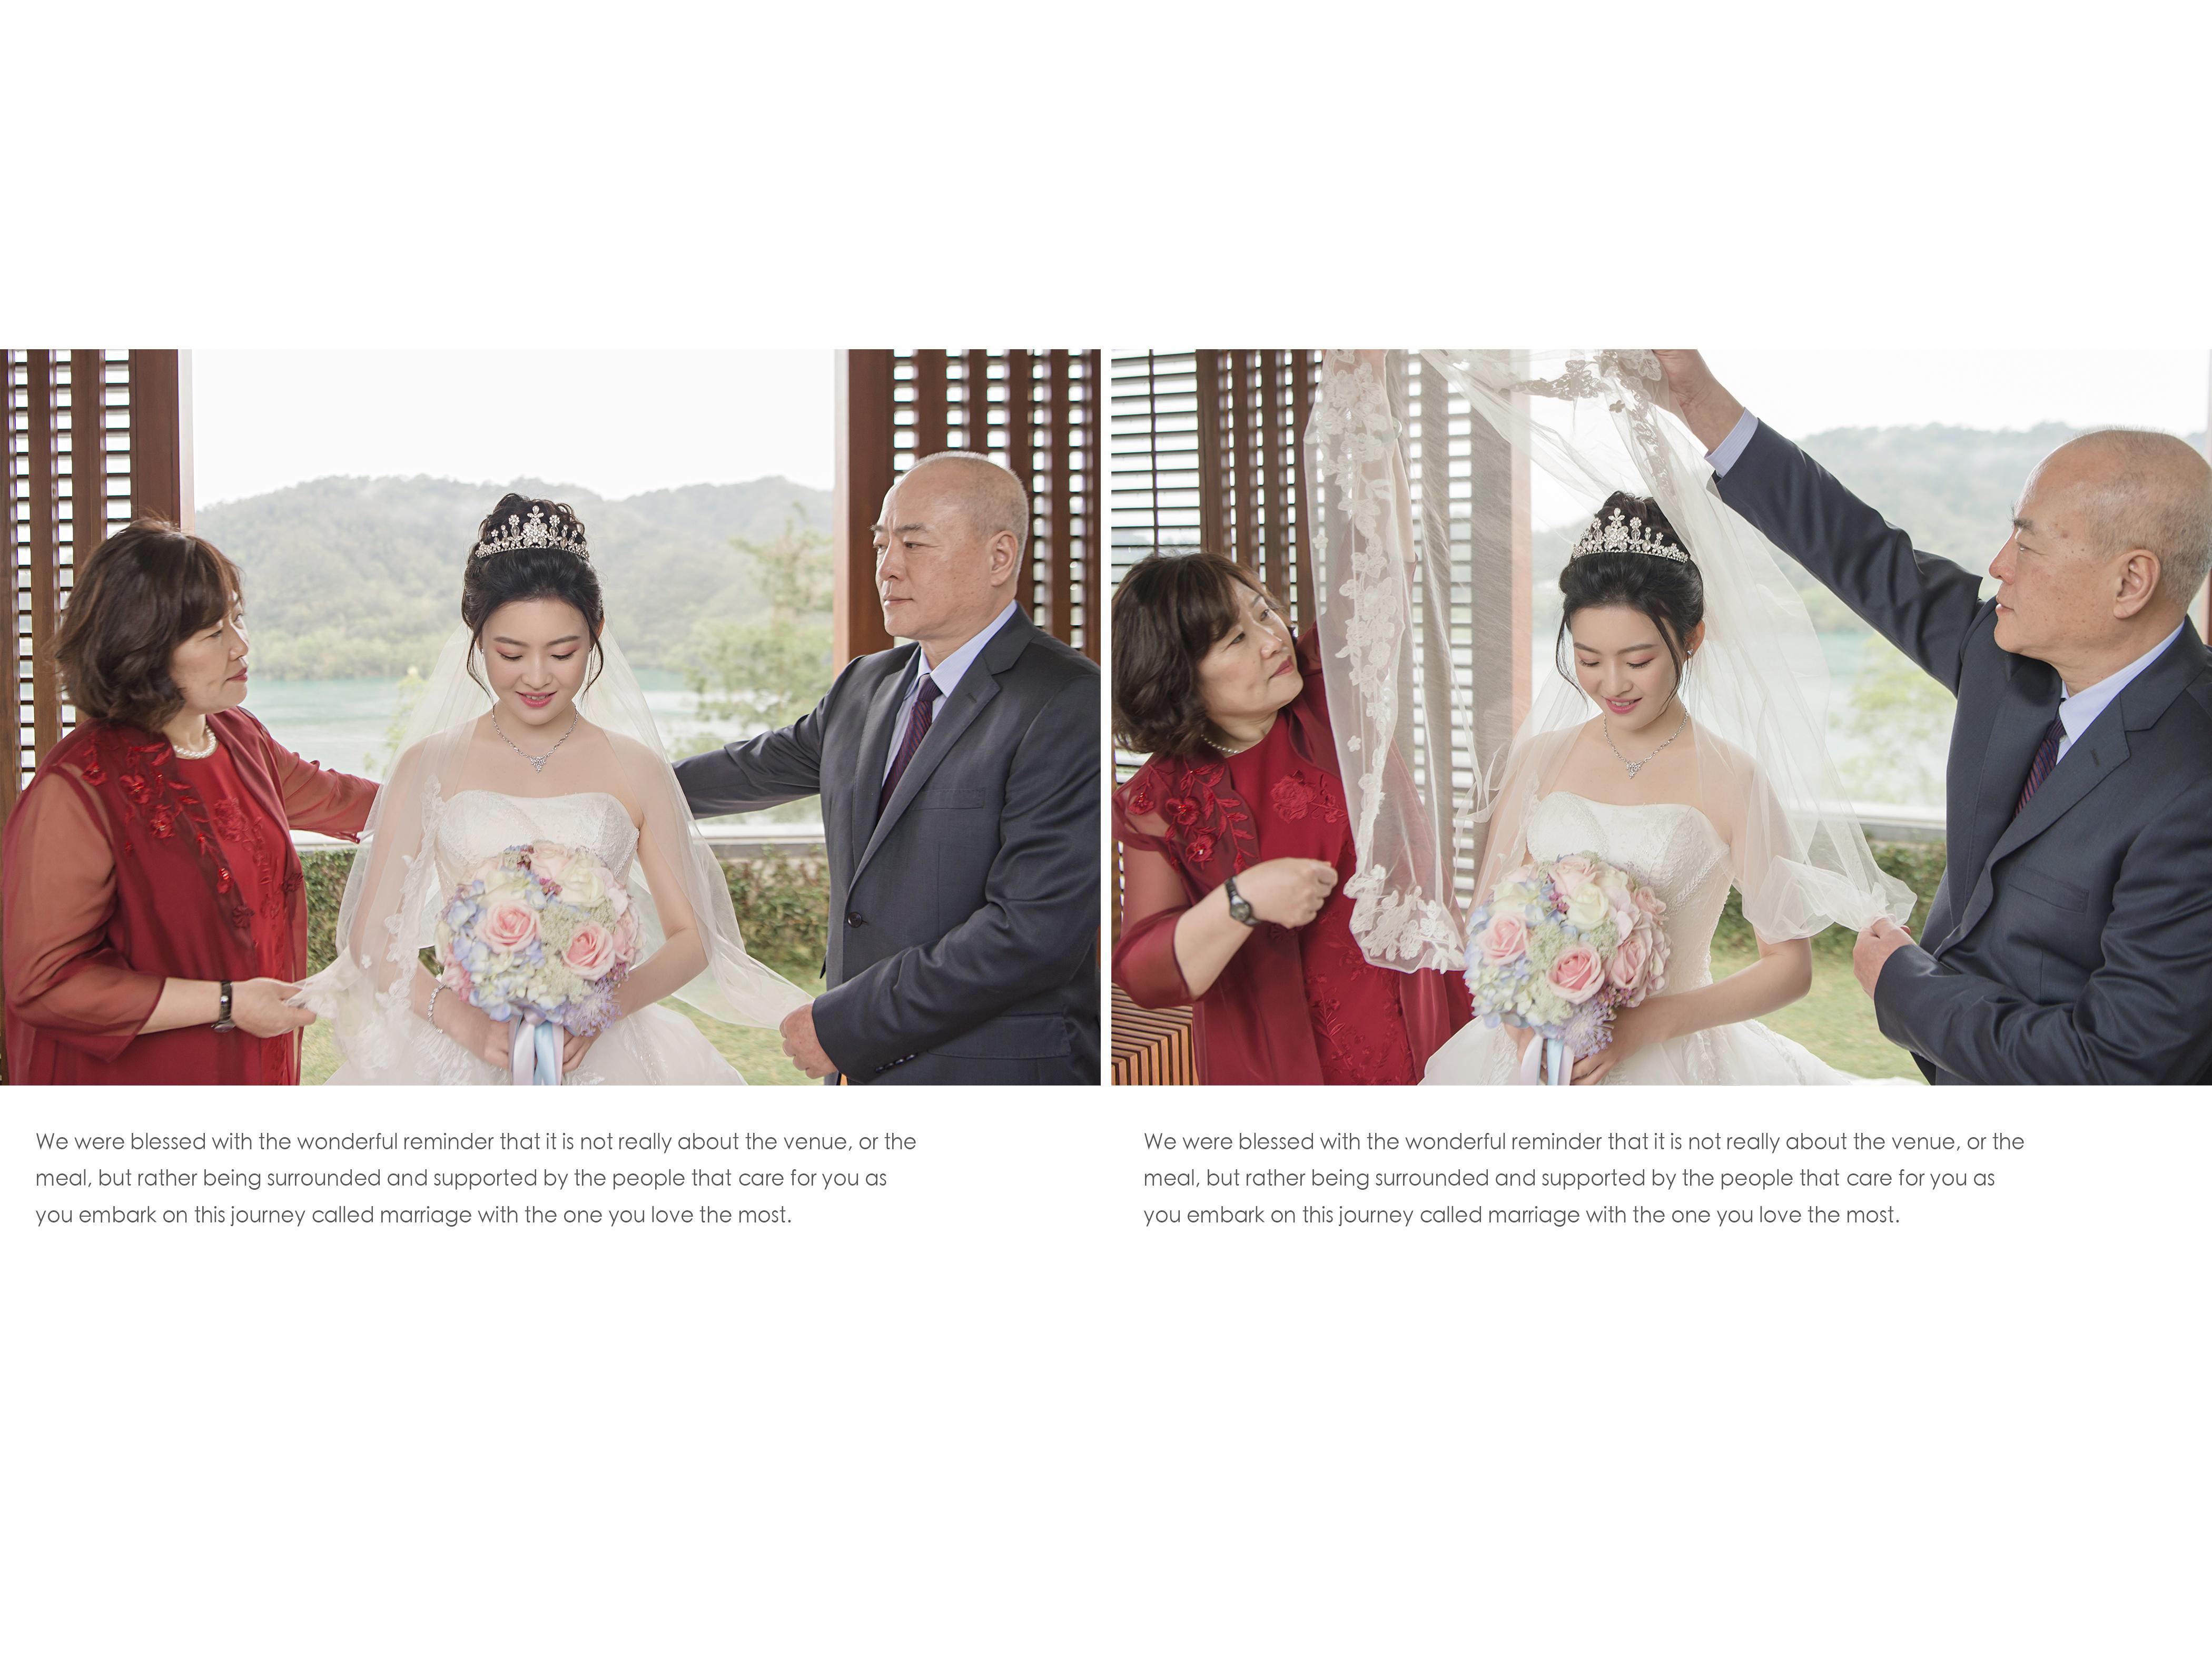 婚攝 日月潭 涵碧樓 戶外證婚 婚禮紀錄 推薦婚攝 JSTUDIO_0061